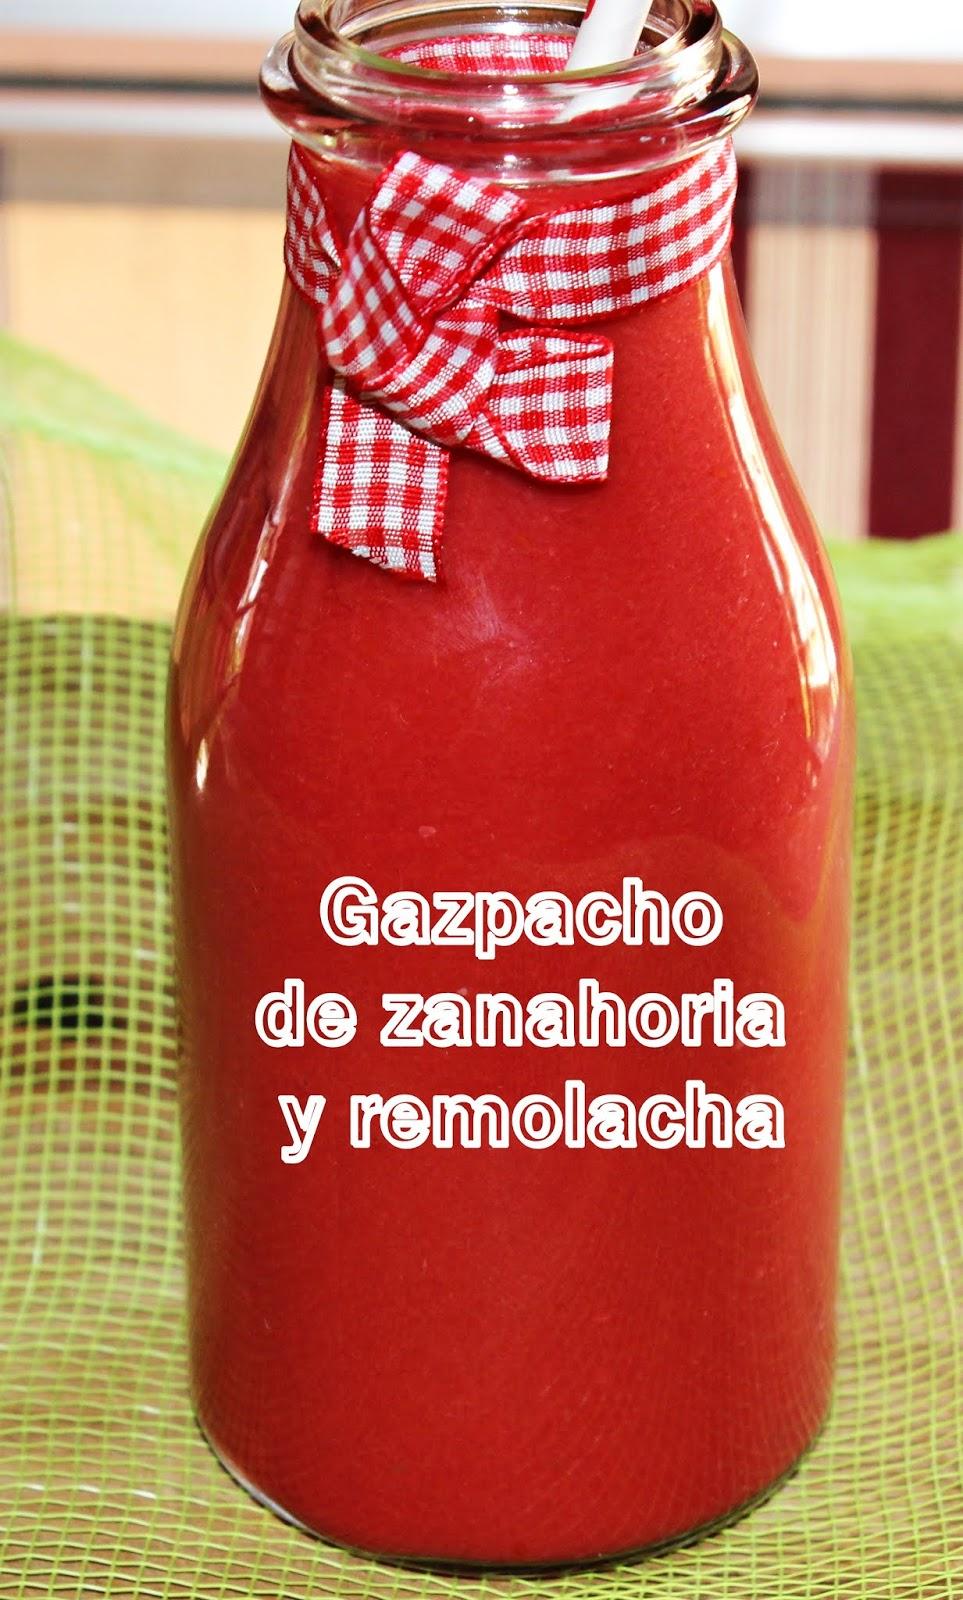 GAZPACHO DE REMOLACHA Y ZANAHORIA {CON THERMOMIX}